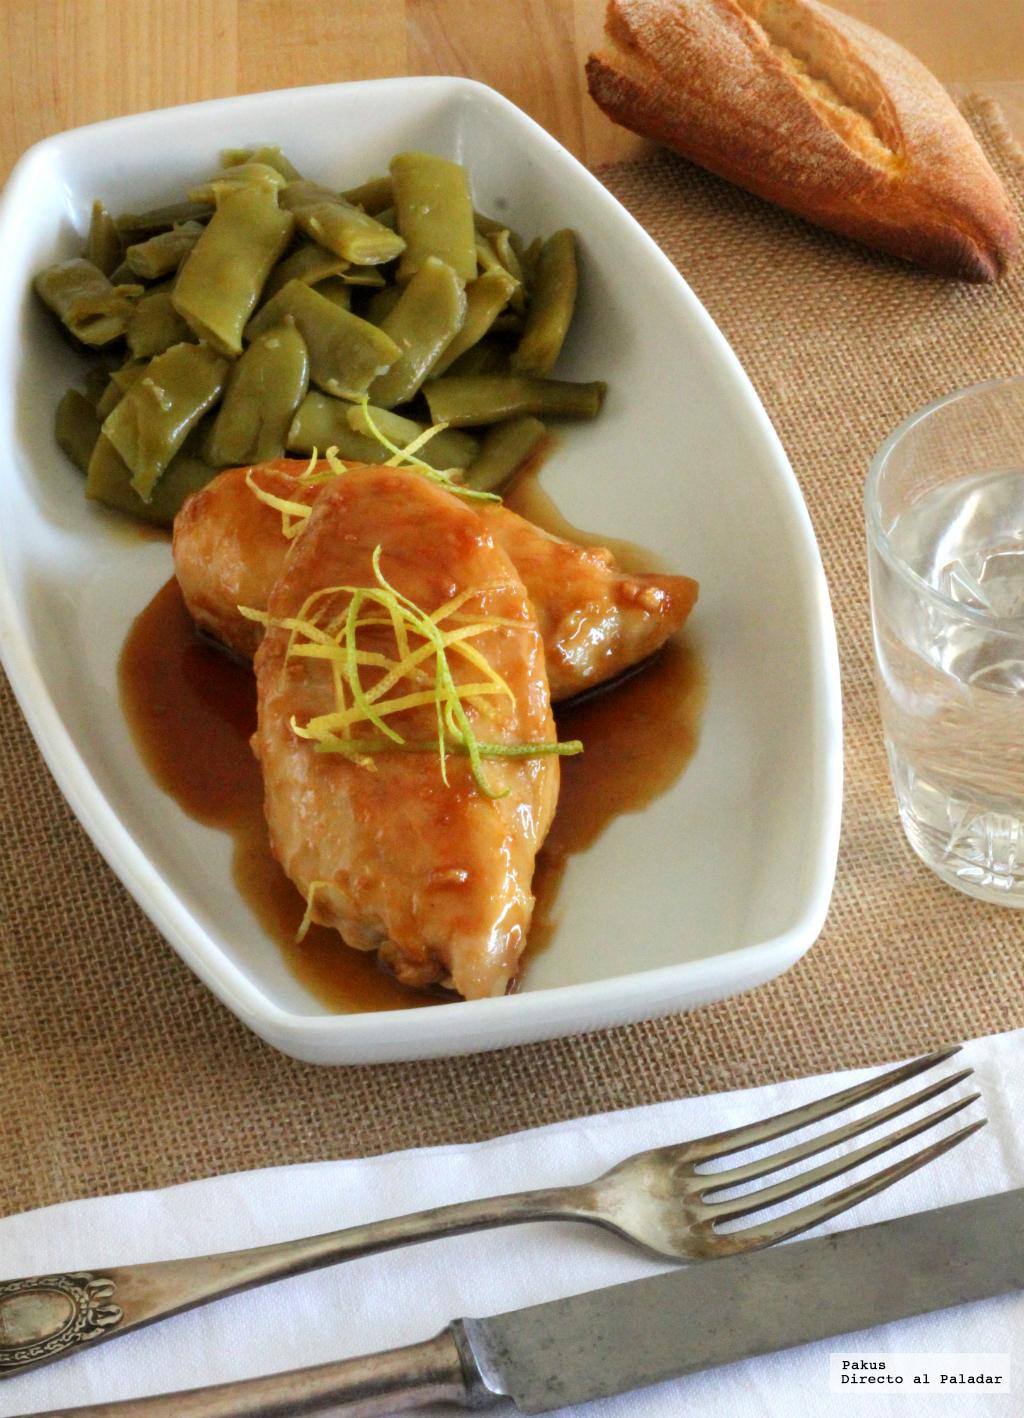 Pechugas de pollo glaseadas con miel y lim n receta de - Blogs de cocina facil ...